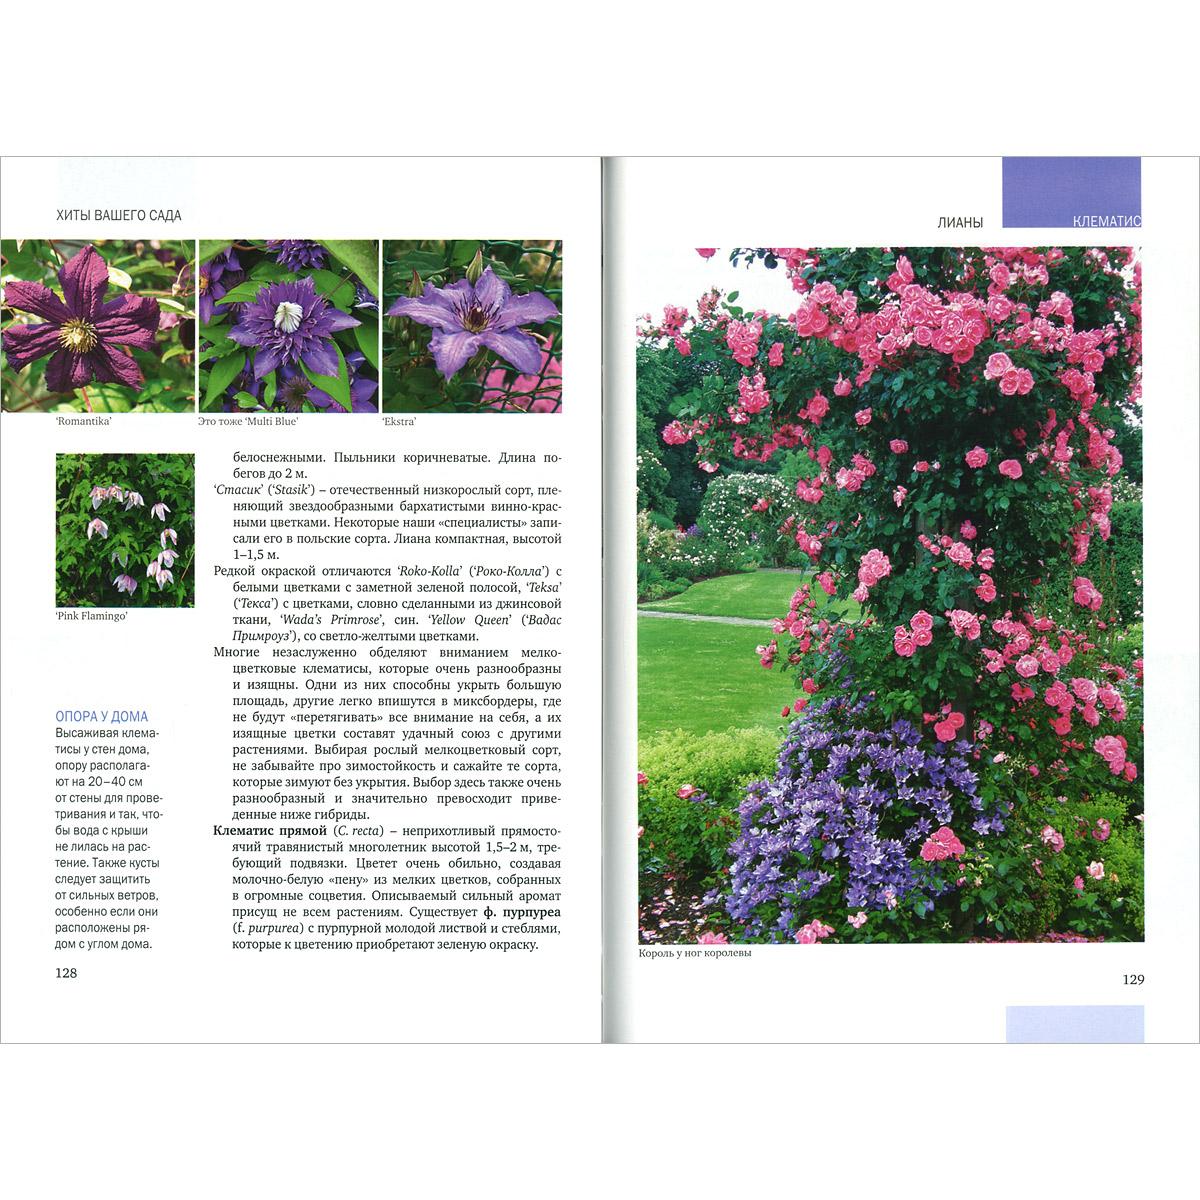 Каталог садовых цветов и ценой